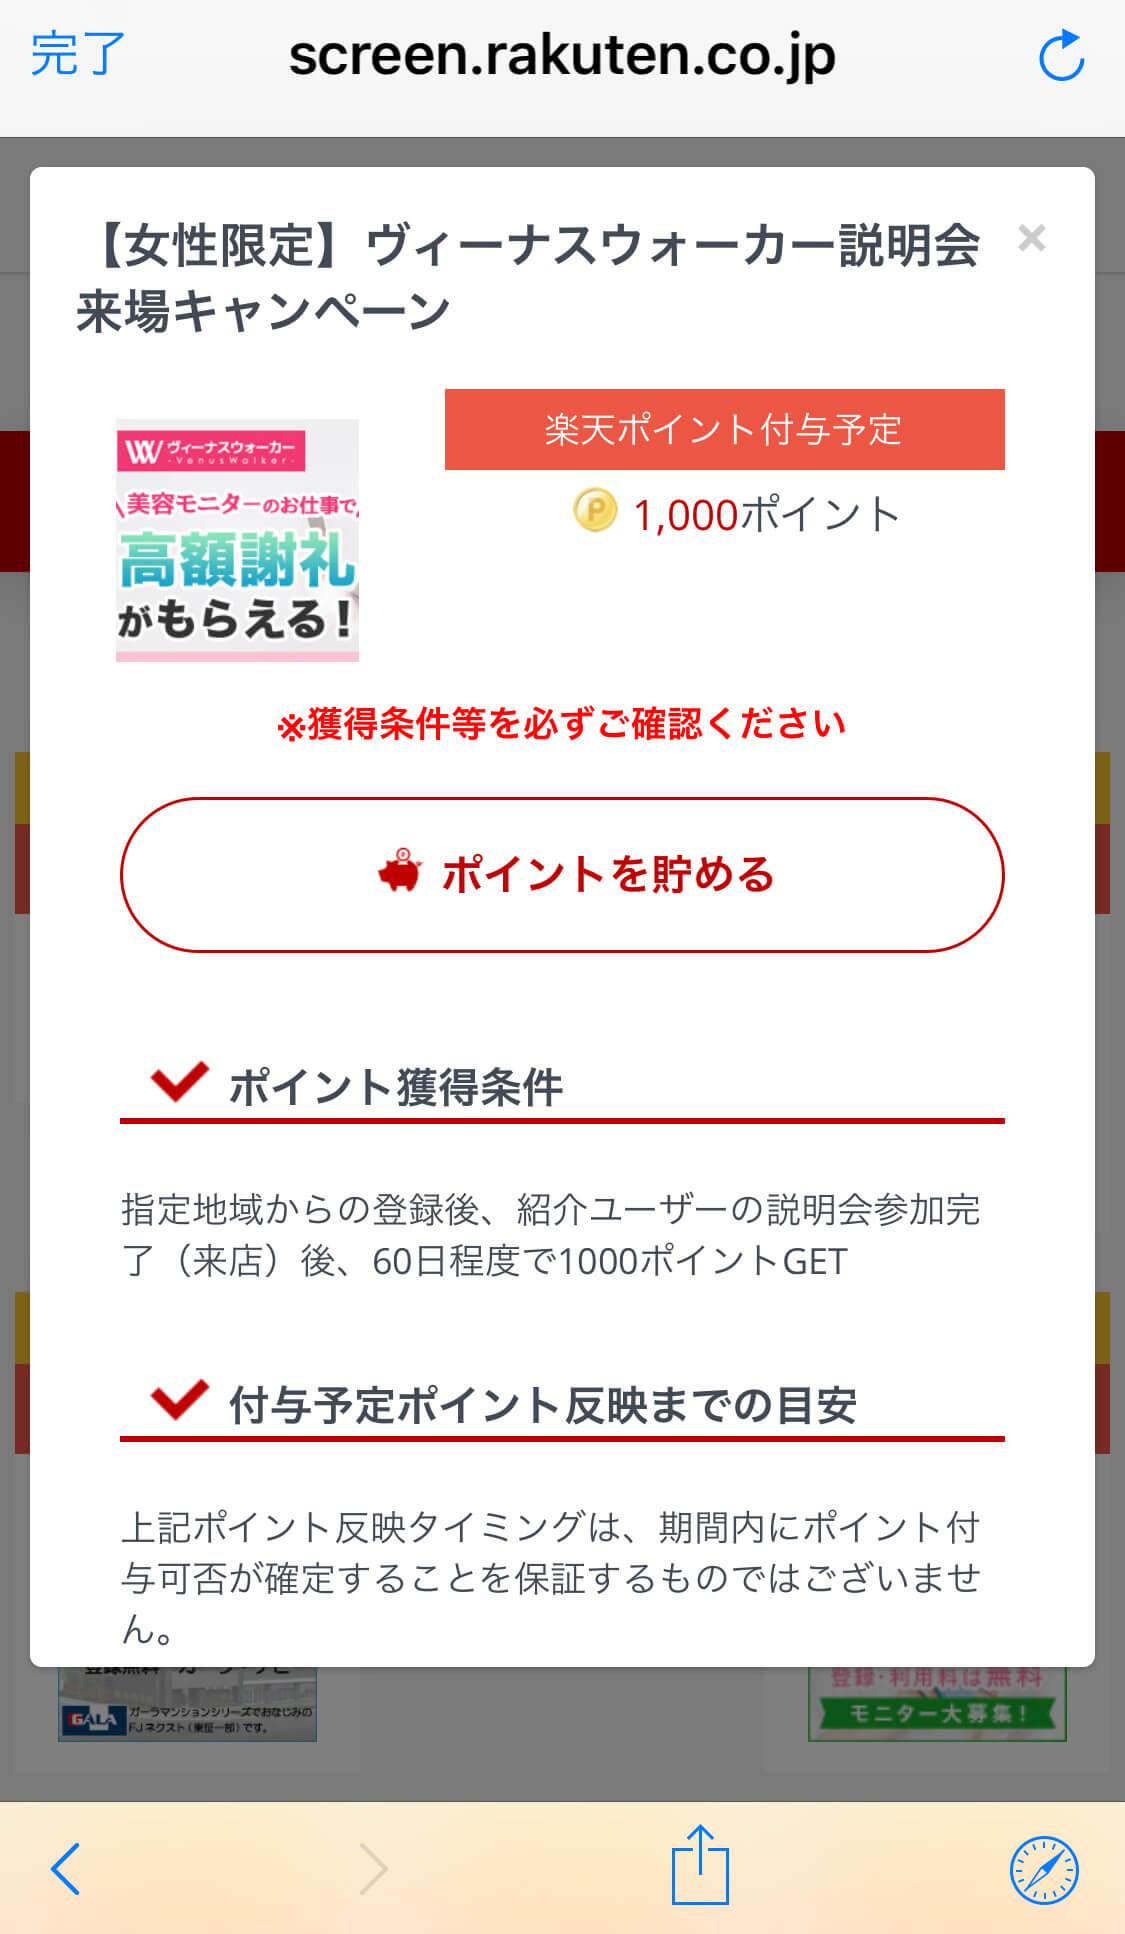 楽天ポイントアプリ無料登録条件